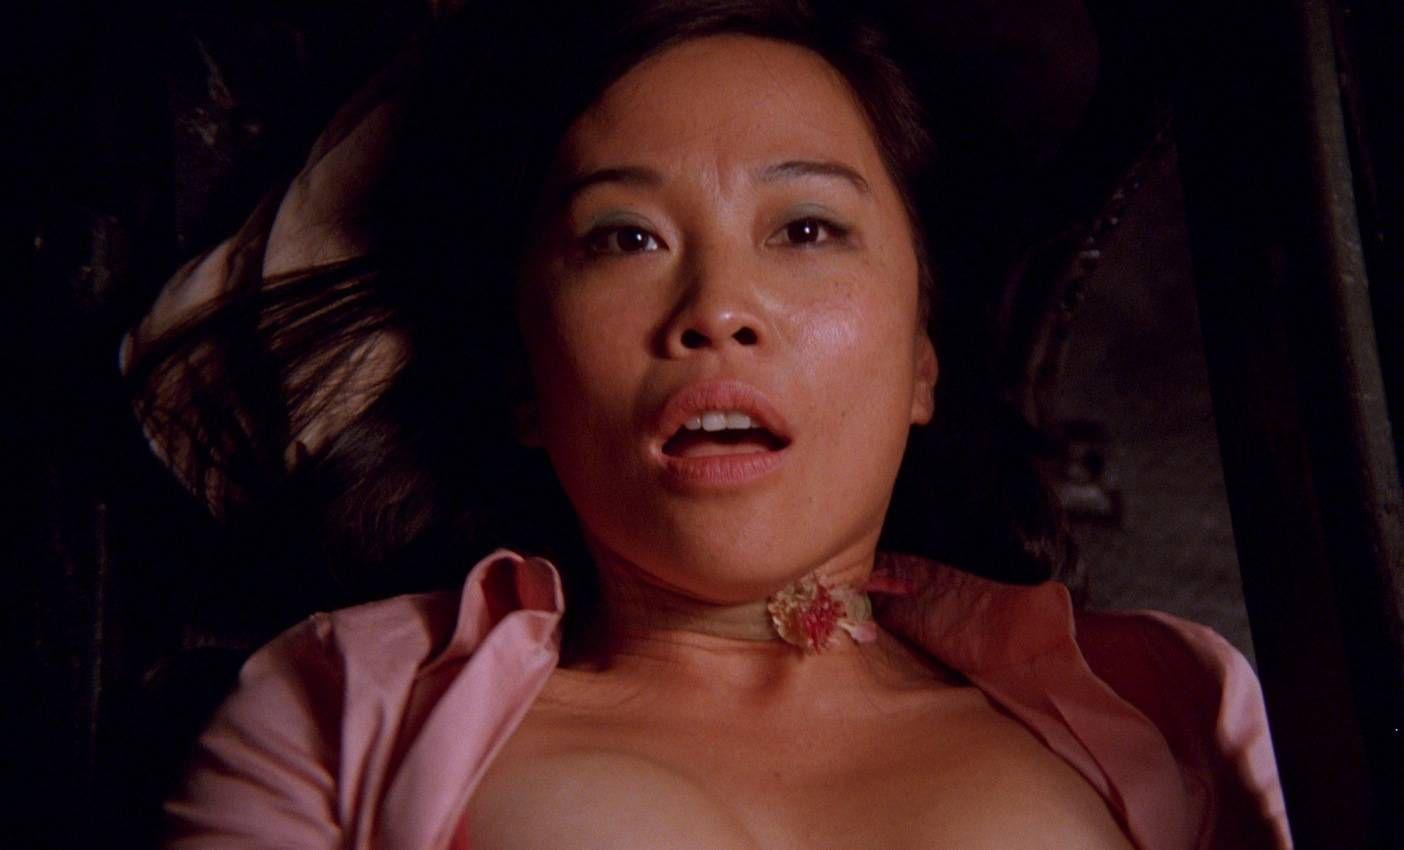 Peliculas Eroticas No Porno Para Ver En Pareja pin em sexo